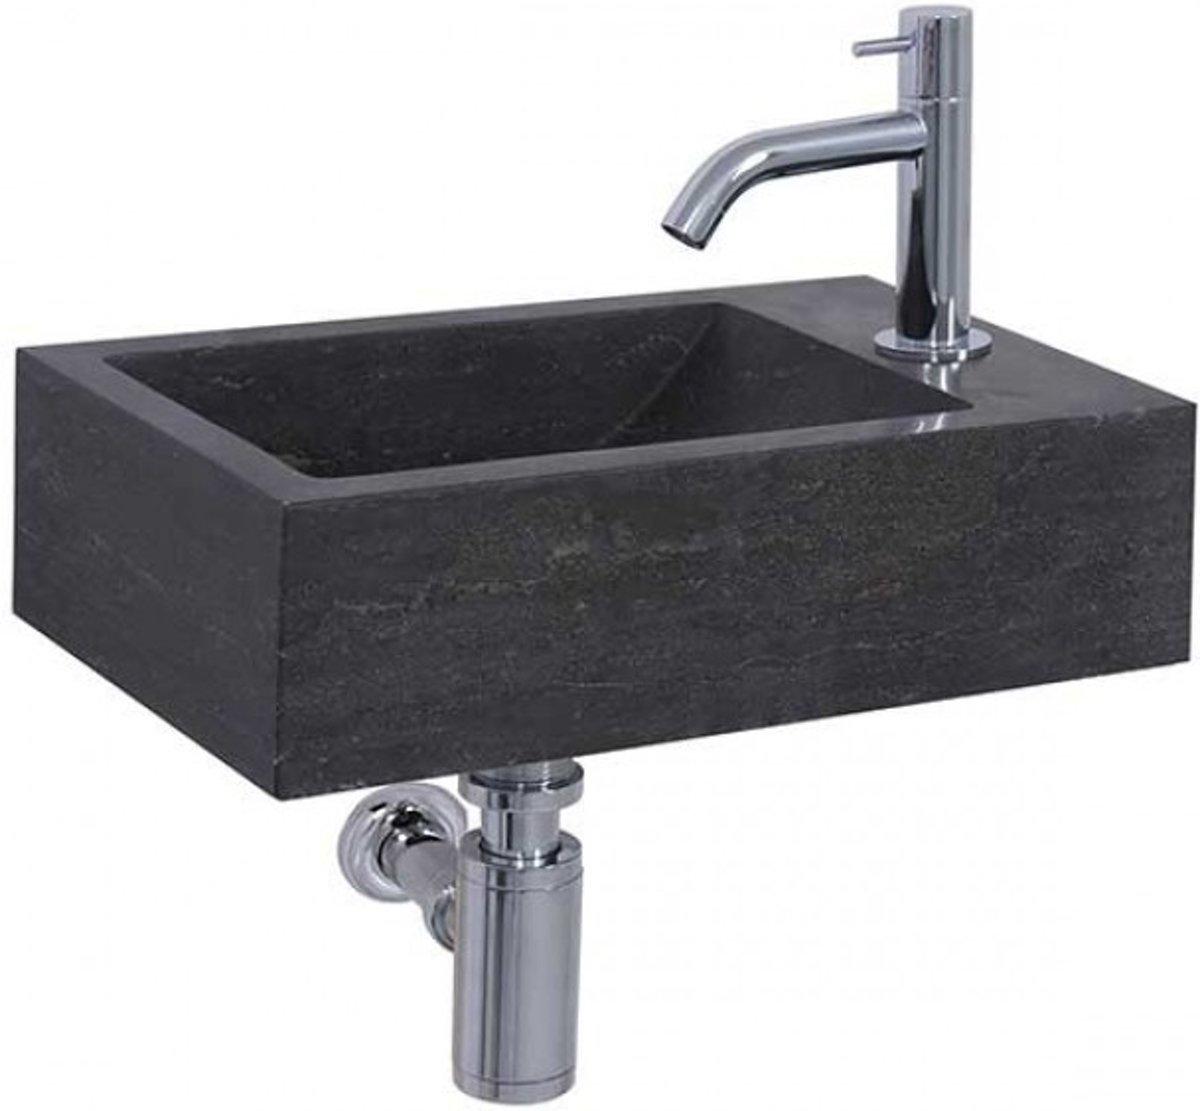 Fonteinset Differnz Furan Rechthoek 40x23x11cm Natuursteen Antraciet Chroom Toiletkraan Sifon Plug kopen